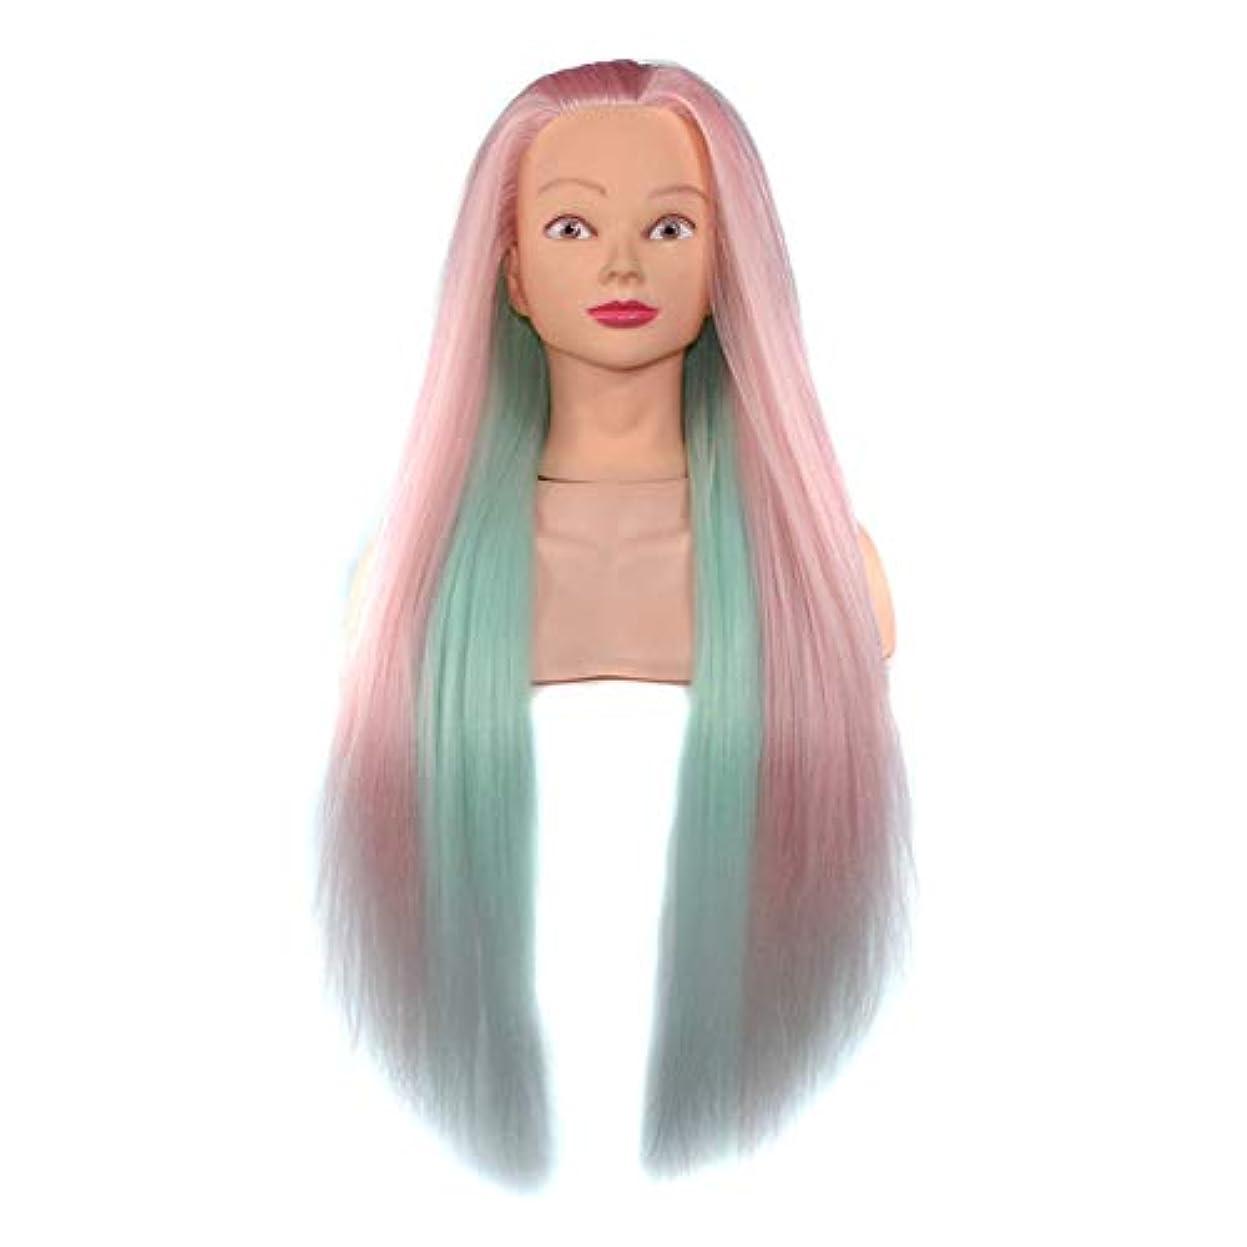 財産悲しみ物理ヘアスタイリング練習ディスクヘア学習ヘッドモデル美容院高温ワイヤートレーニングヘッドマネキン人形ヘッド